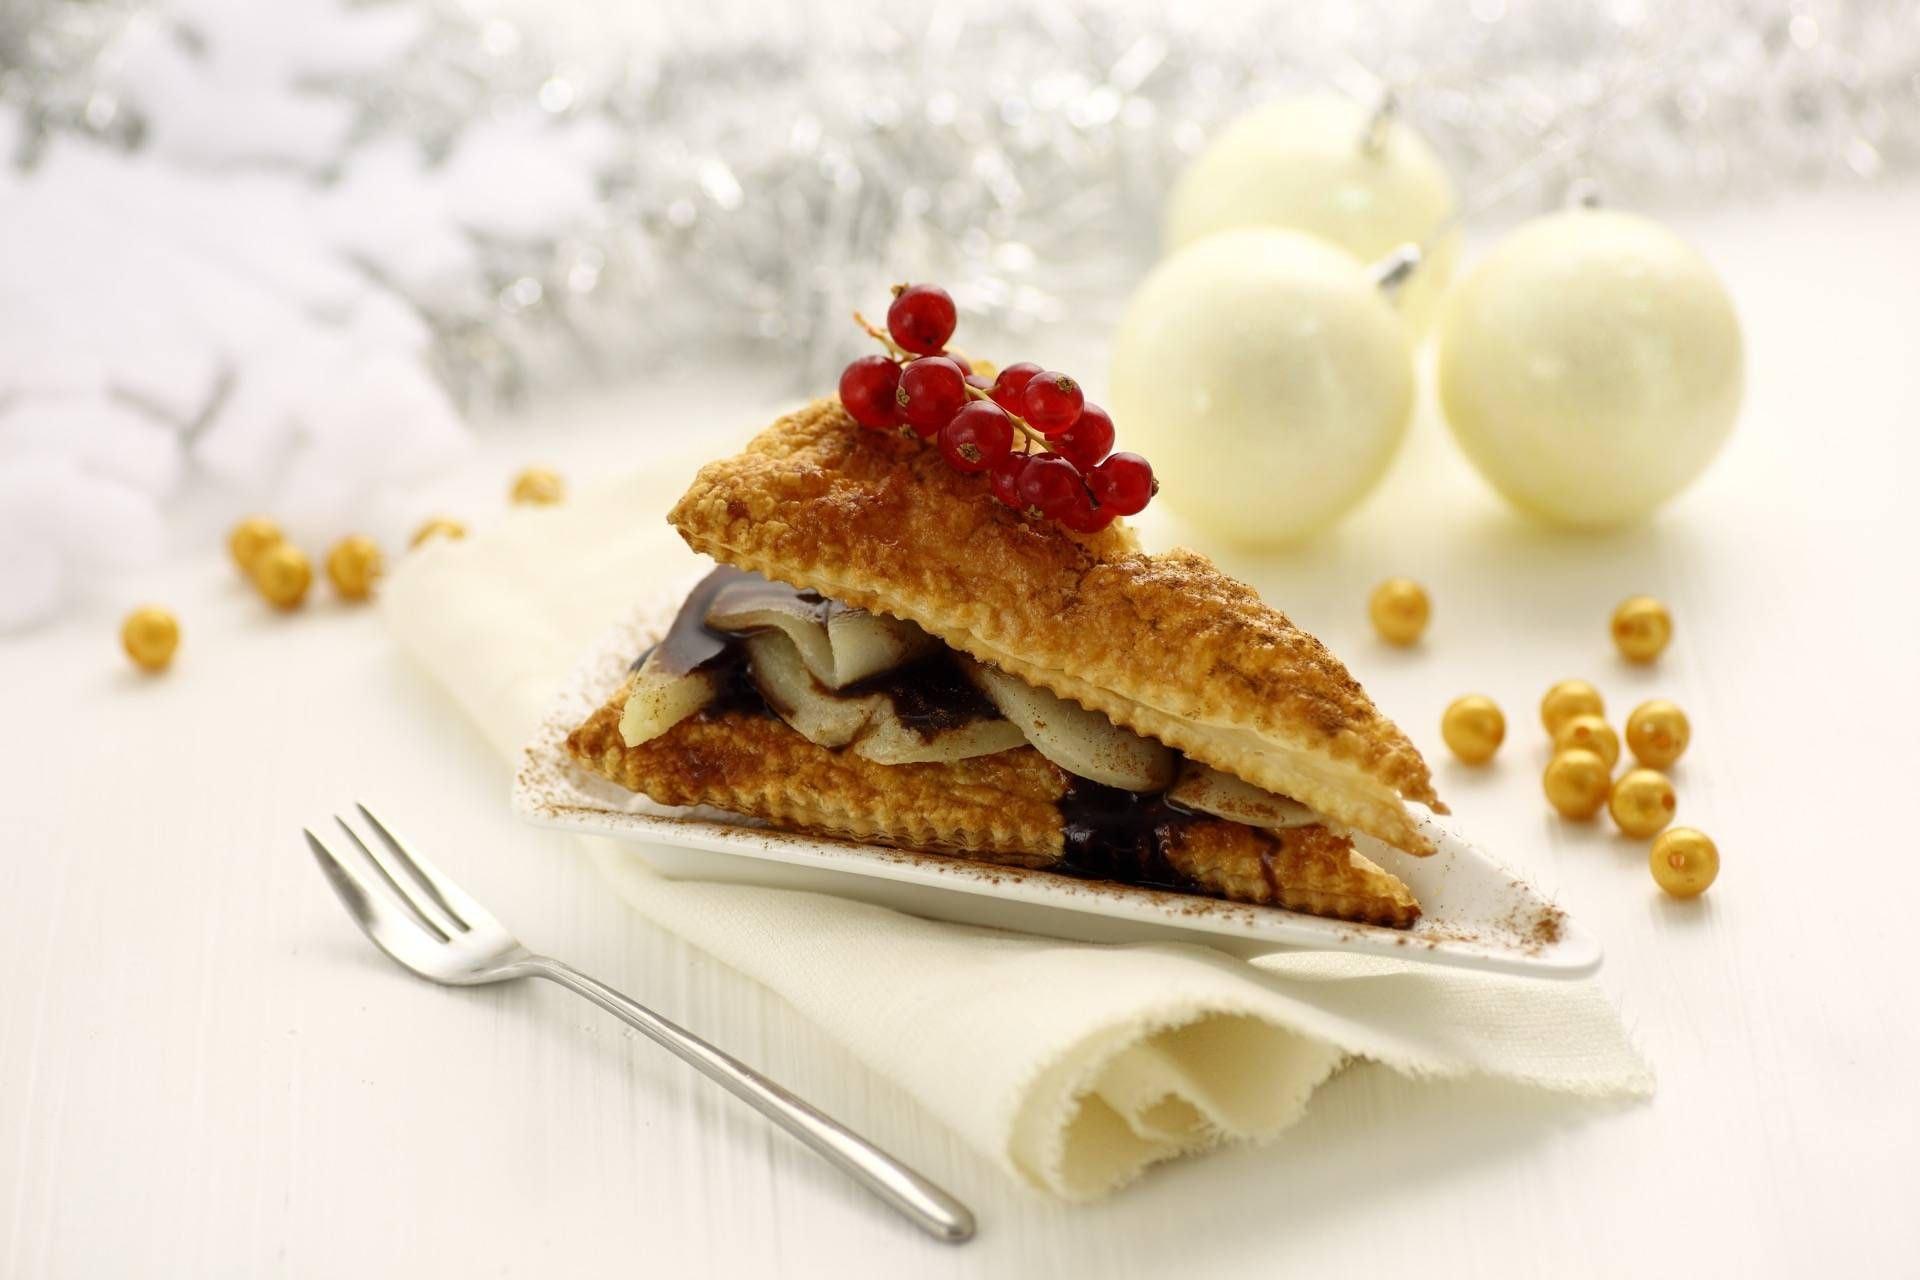 Sfoglia cioccolato e pere - Parmalat